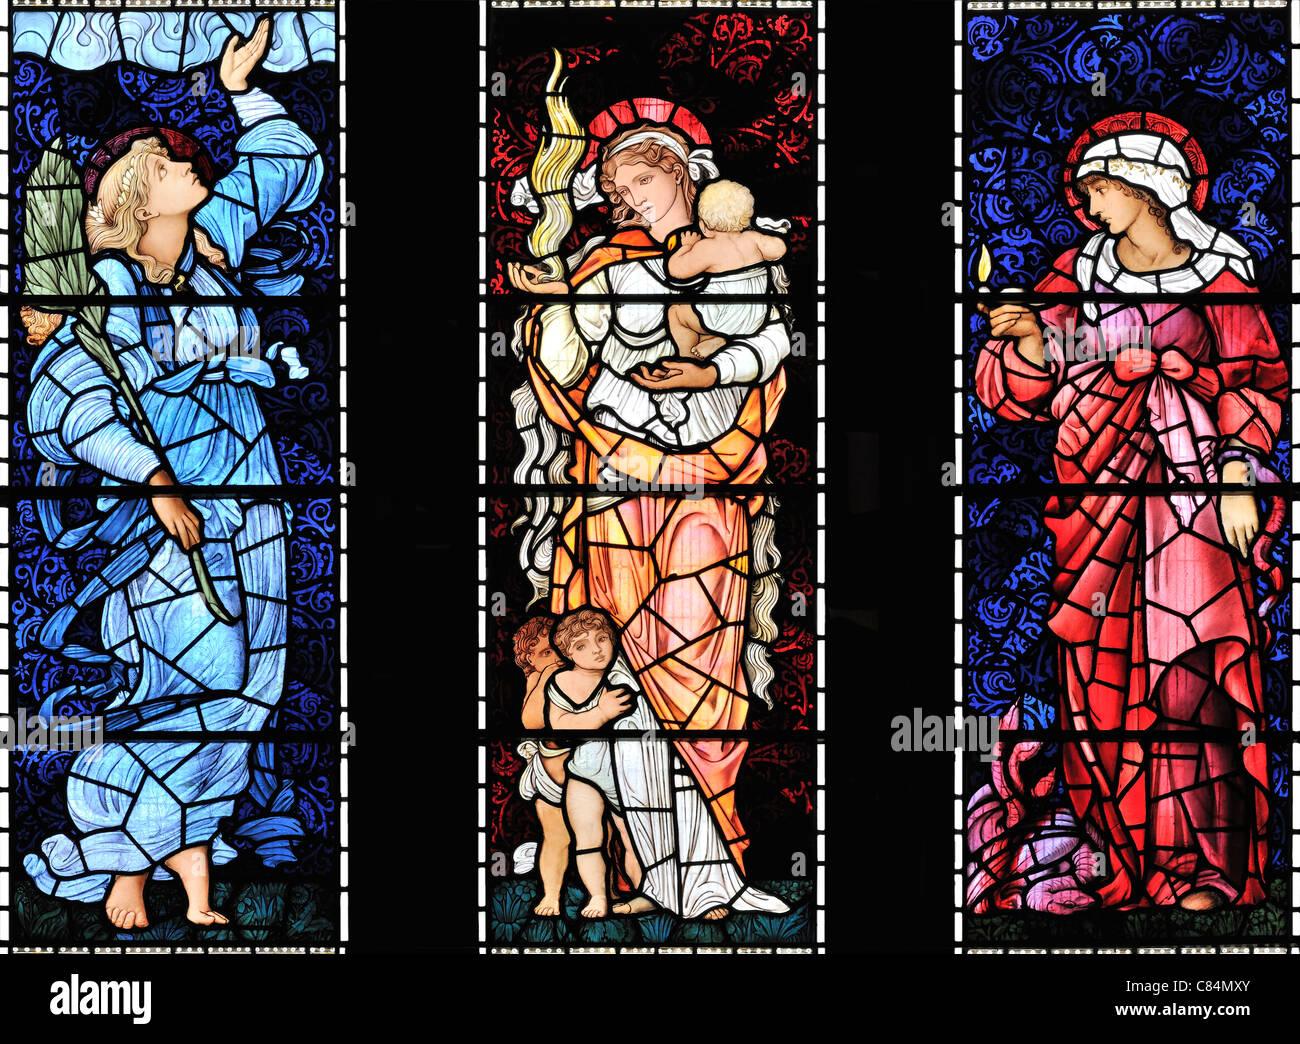 Die drei Tugenden, glaube (rechts), Hoffnung (links) und Nächstenliebe, St.-Martins Kirche, Brampton, Cumbria, Stockbild